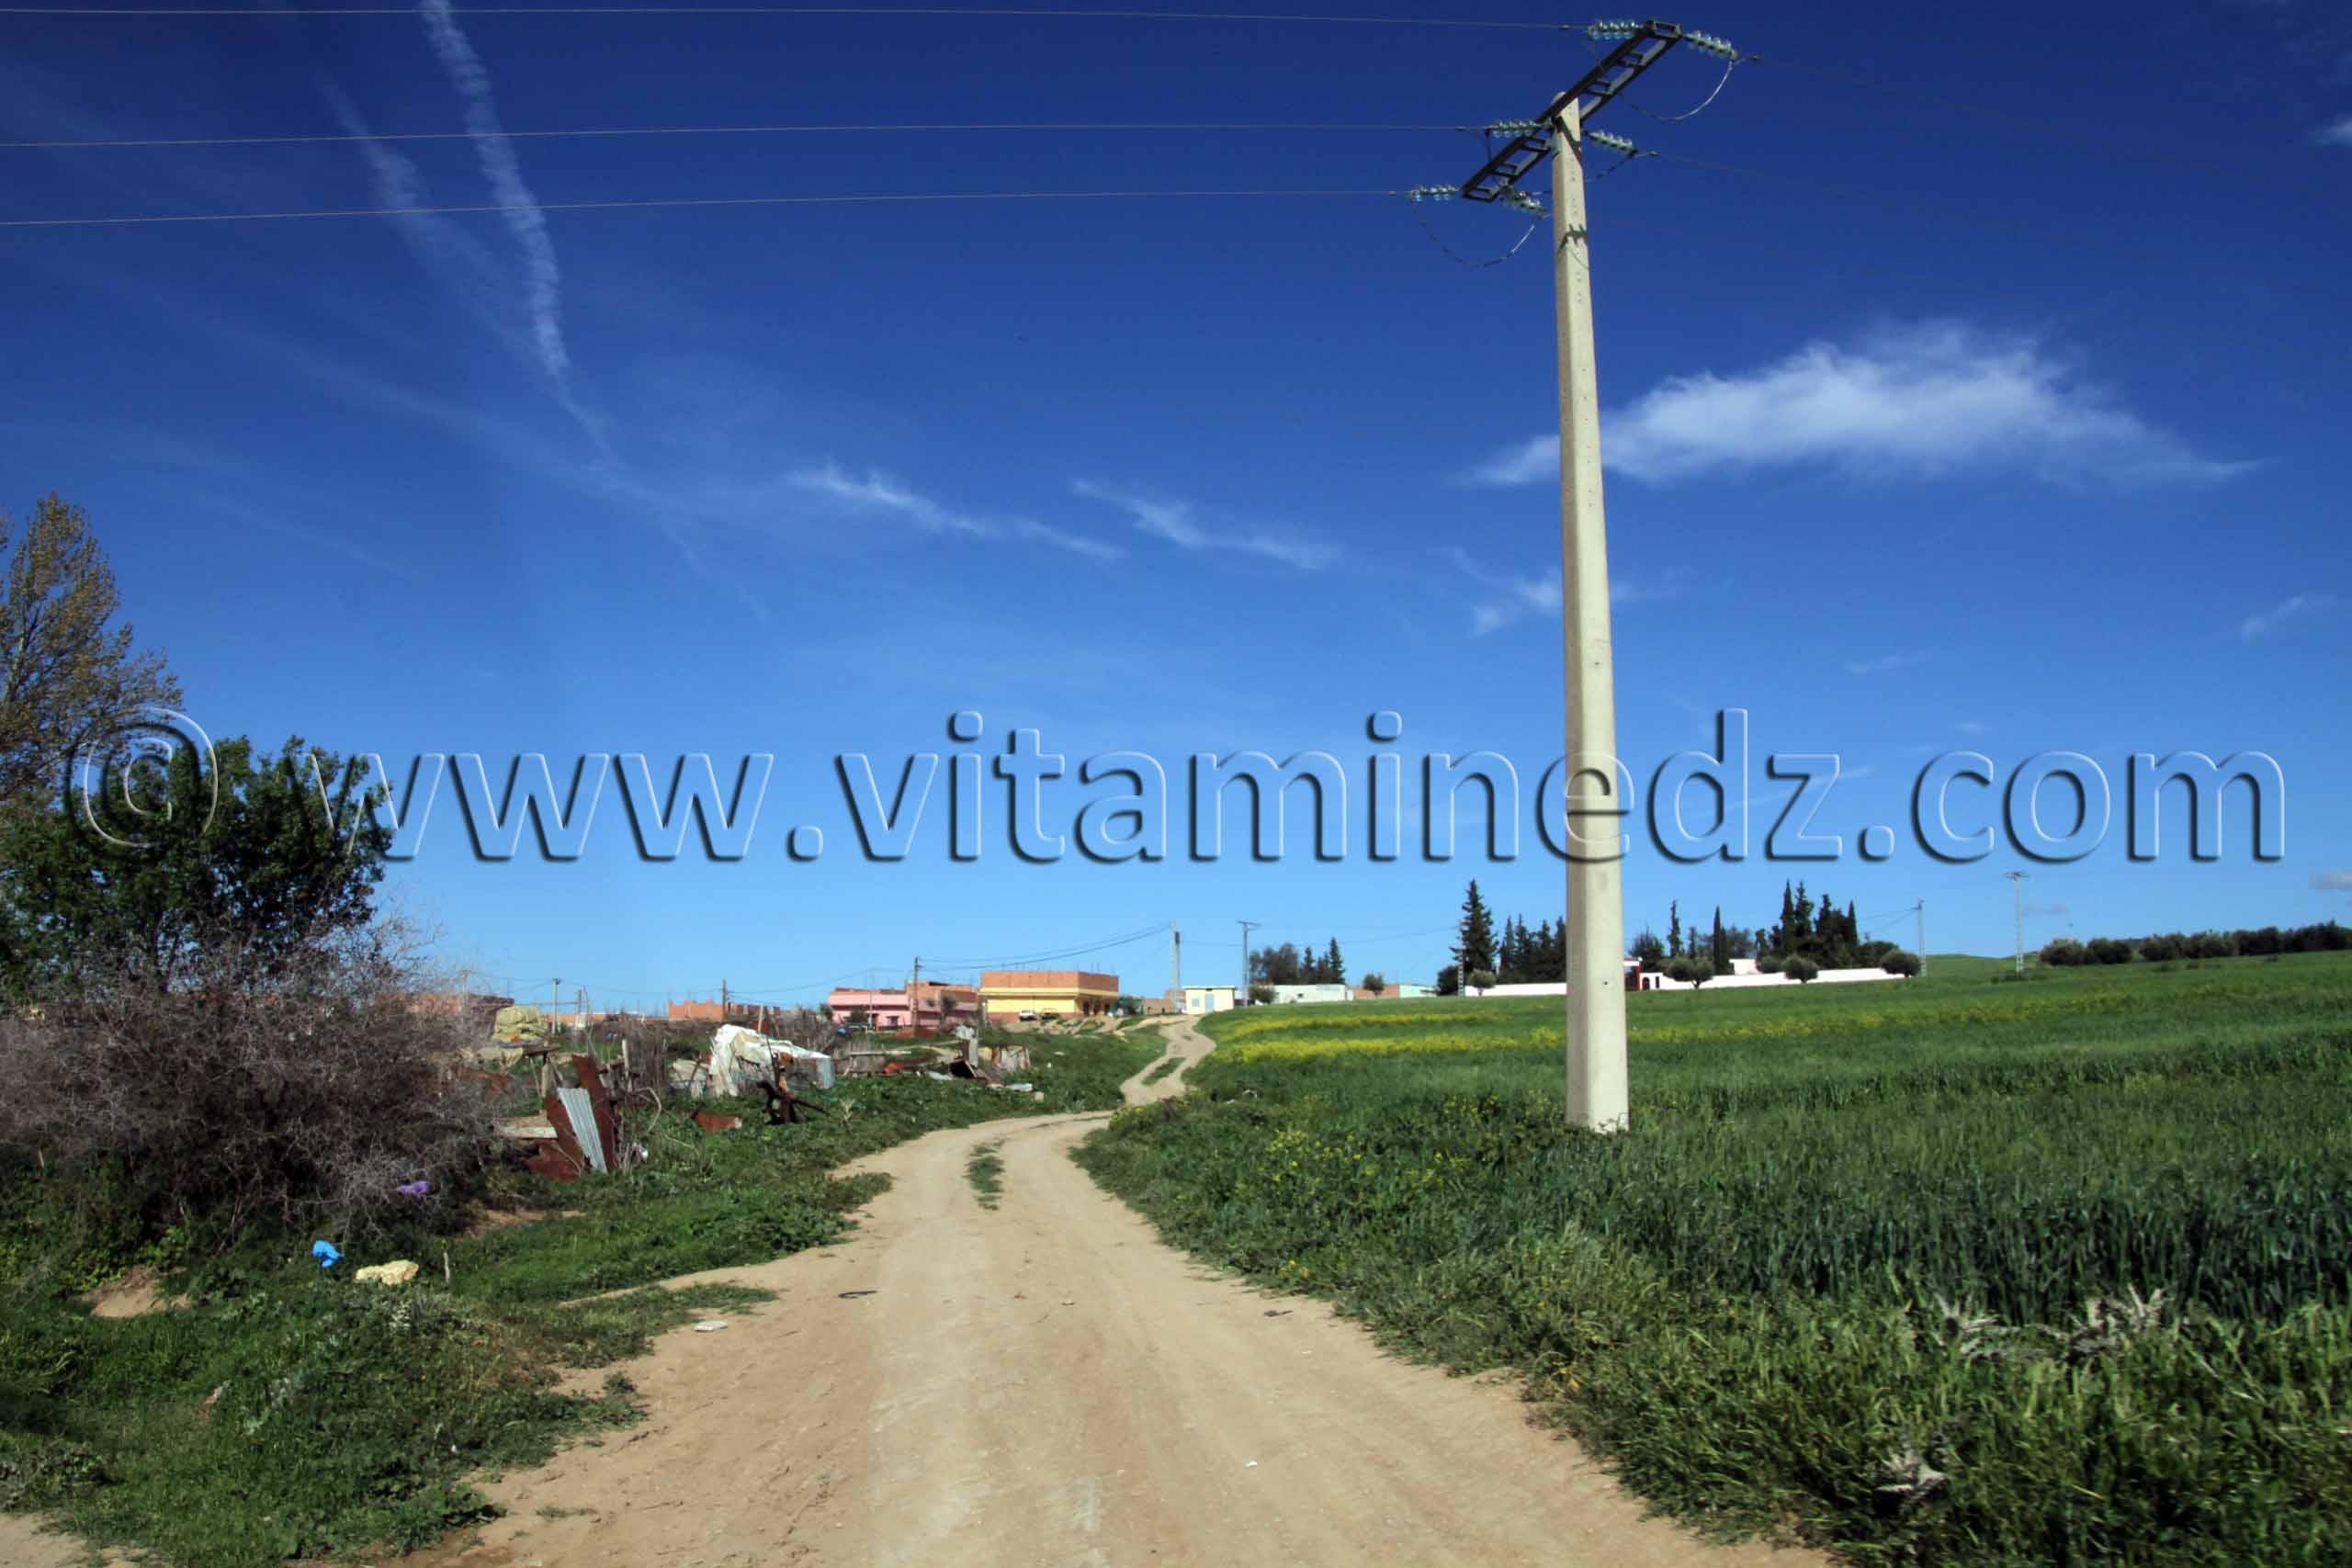 Village de Sidi Soufi � la commune de Ouled Mimoun (Lamorici�re - Altava)